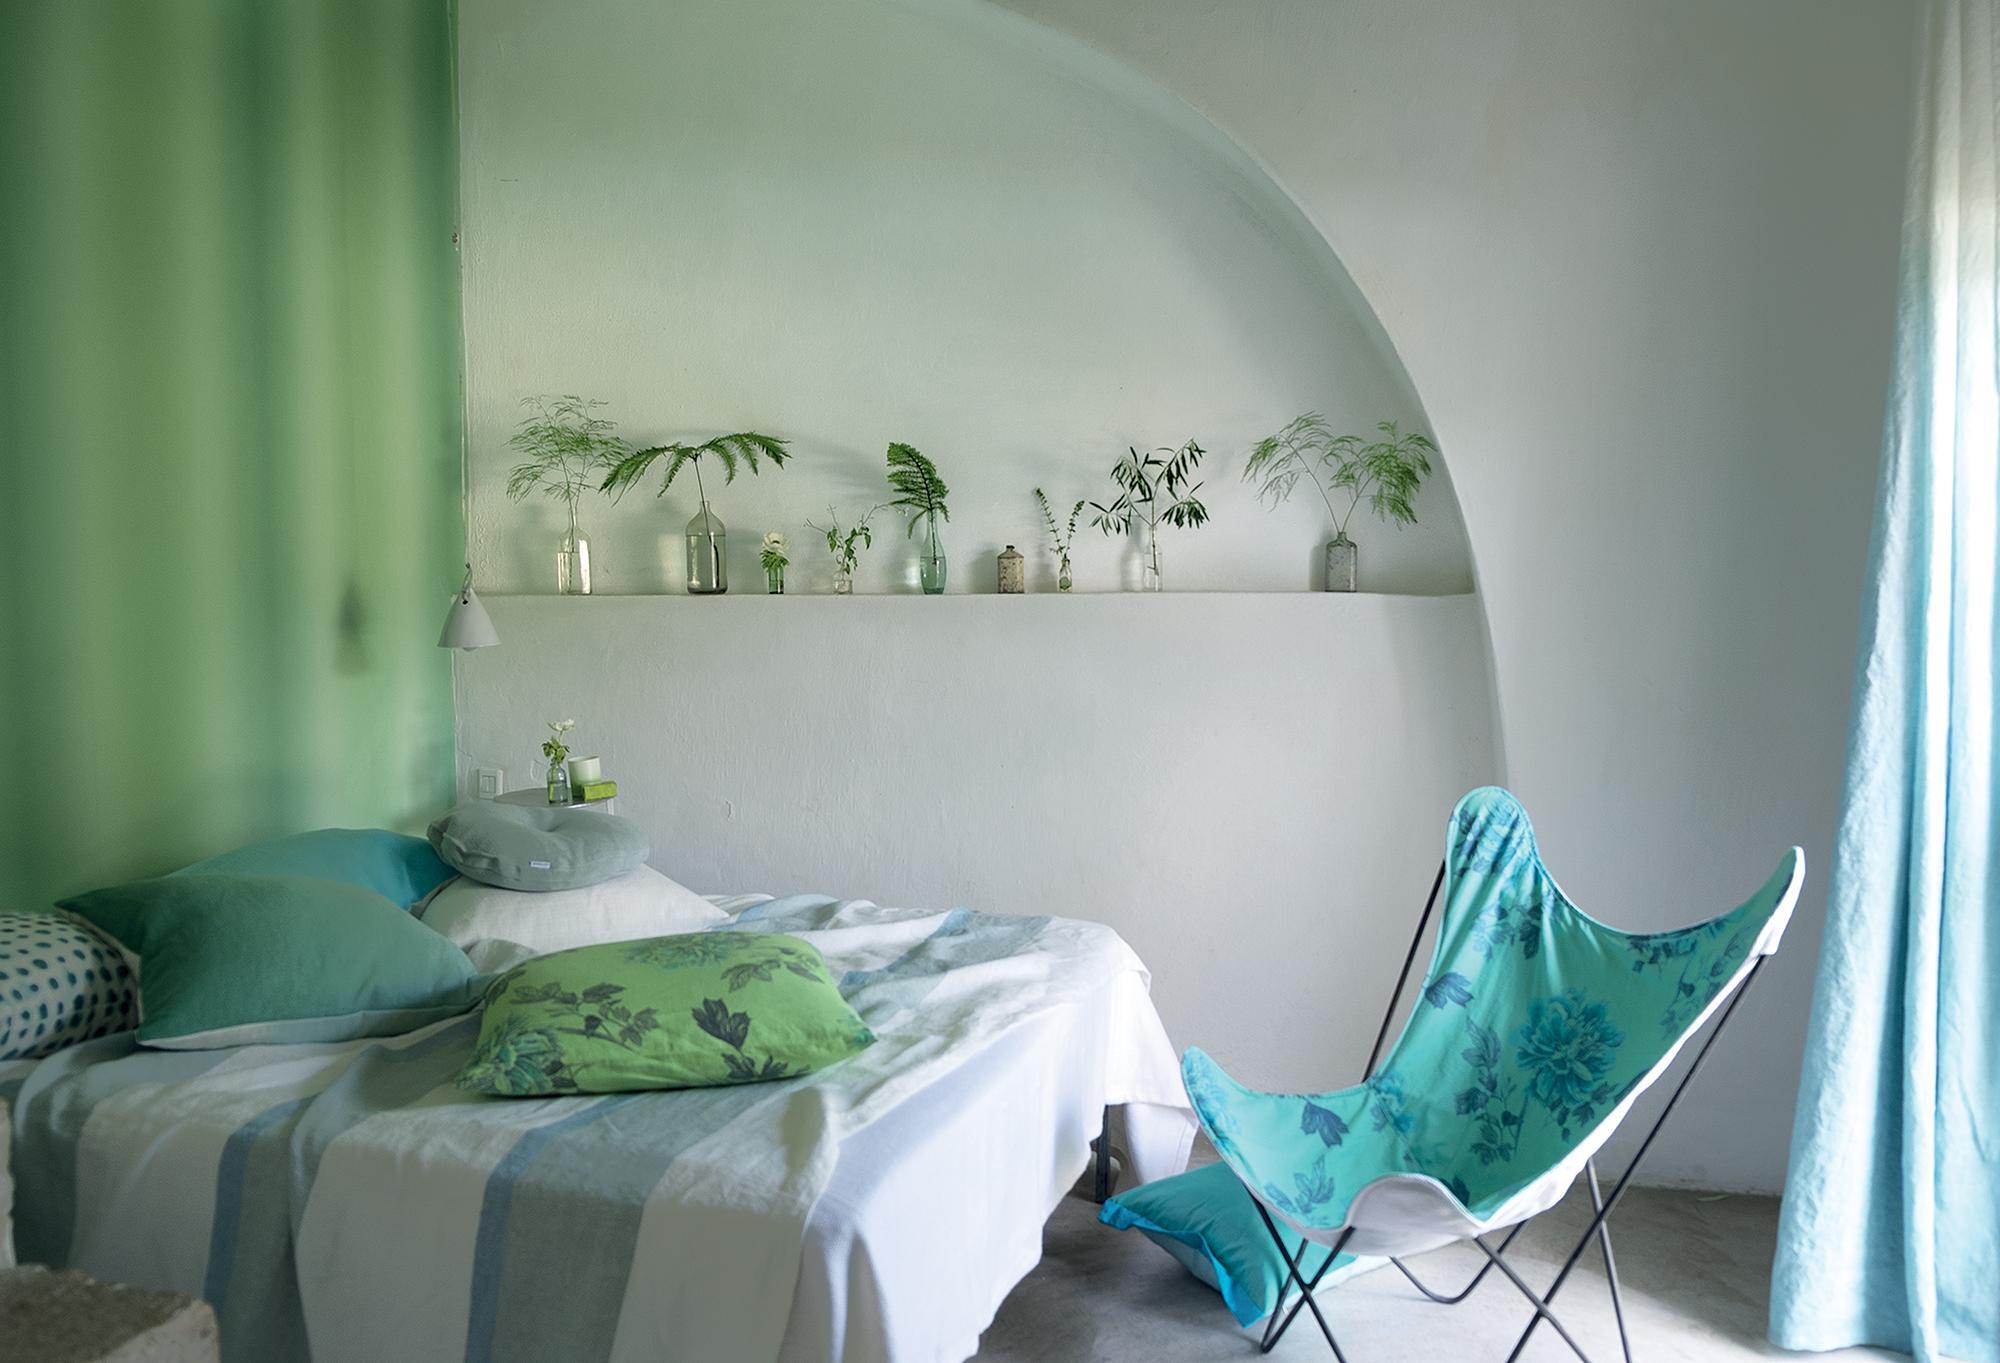 Schlafzimmer In Pastelltönen #bett #wandgestaltung #liegestuhl  #raumgestaltung ©Designers Guild